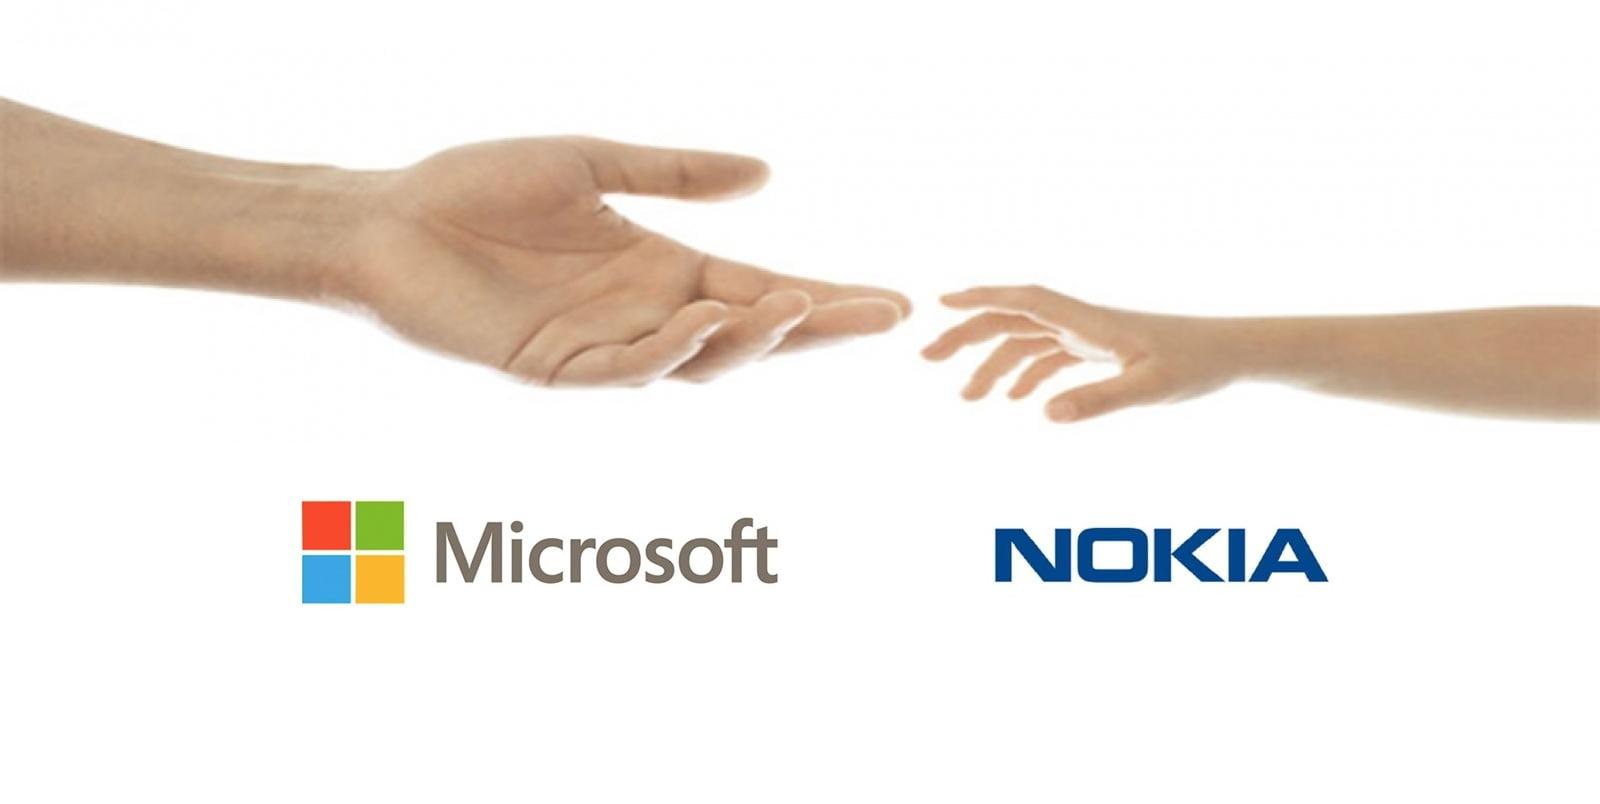 Imagen que simboliza la unión de Nokia y Microsoft